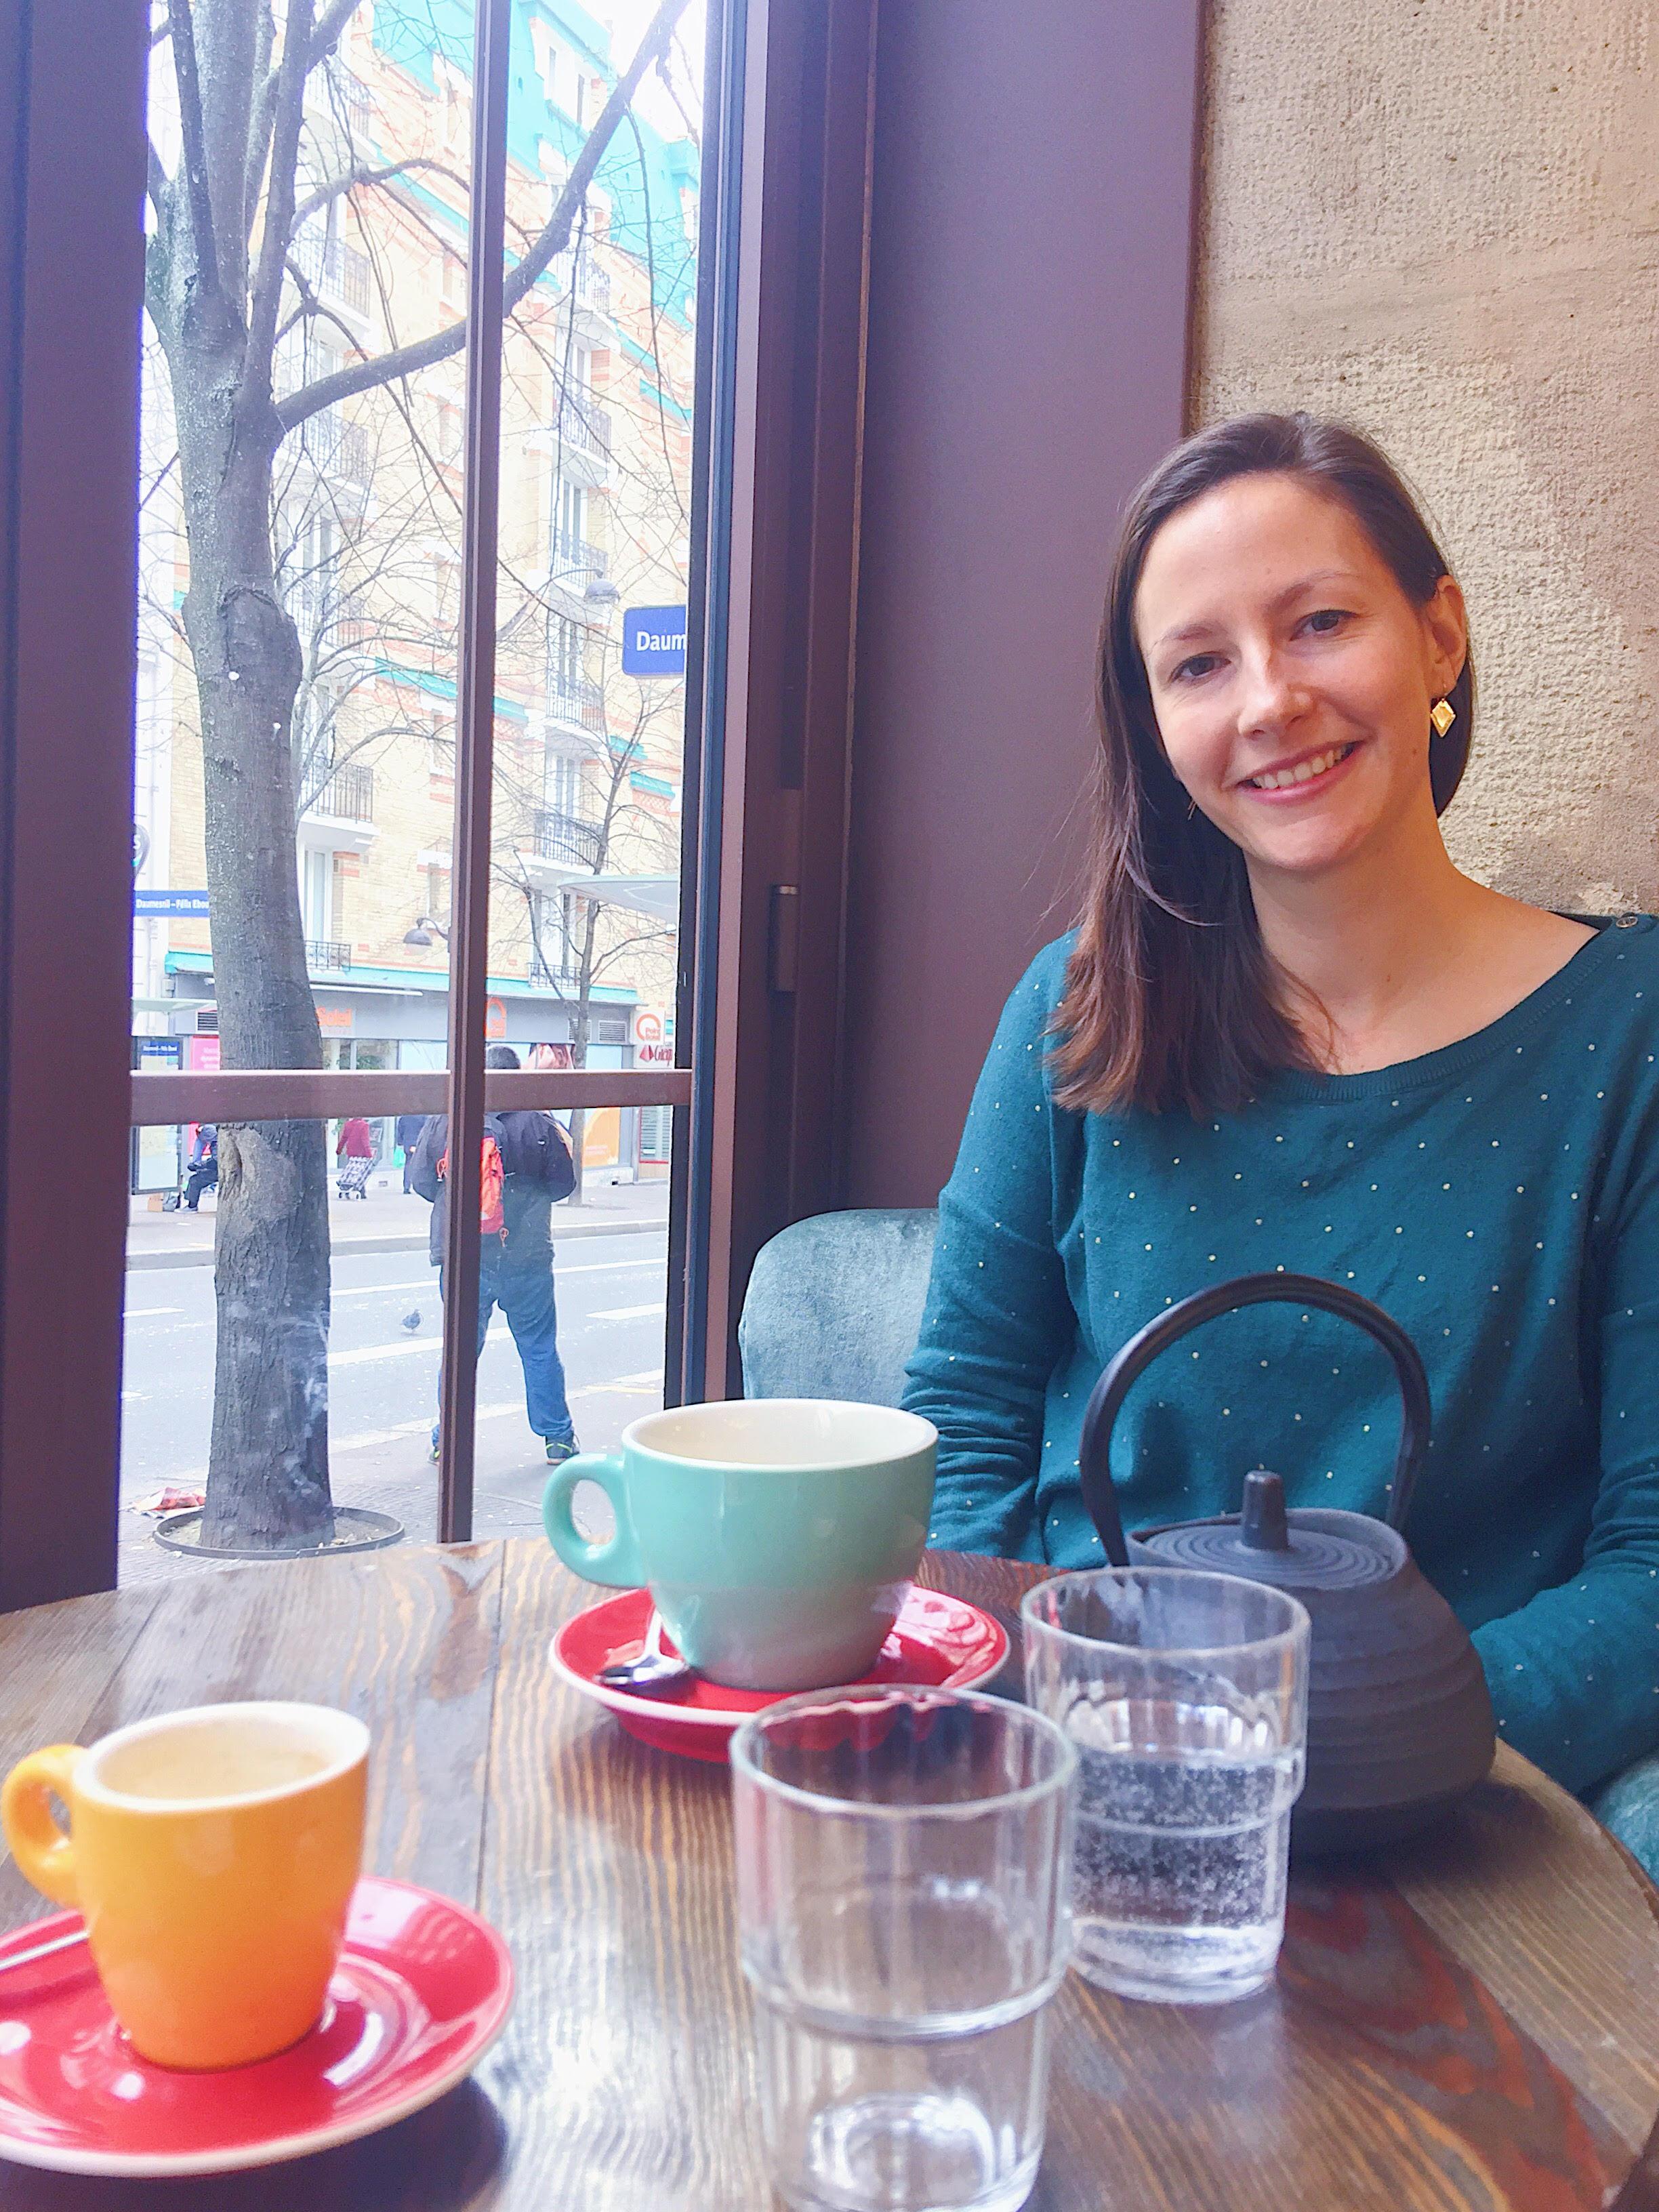 Caroline, la fondatrice de Coeur de Louves, est l'entrepreneure de la vraie vie invitée cette semaine dans La Vraie Dose !